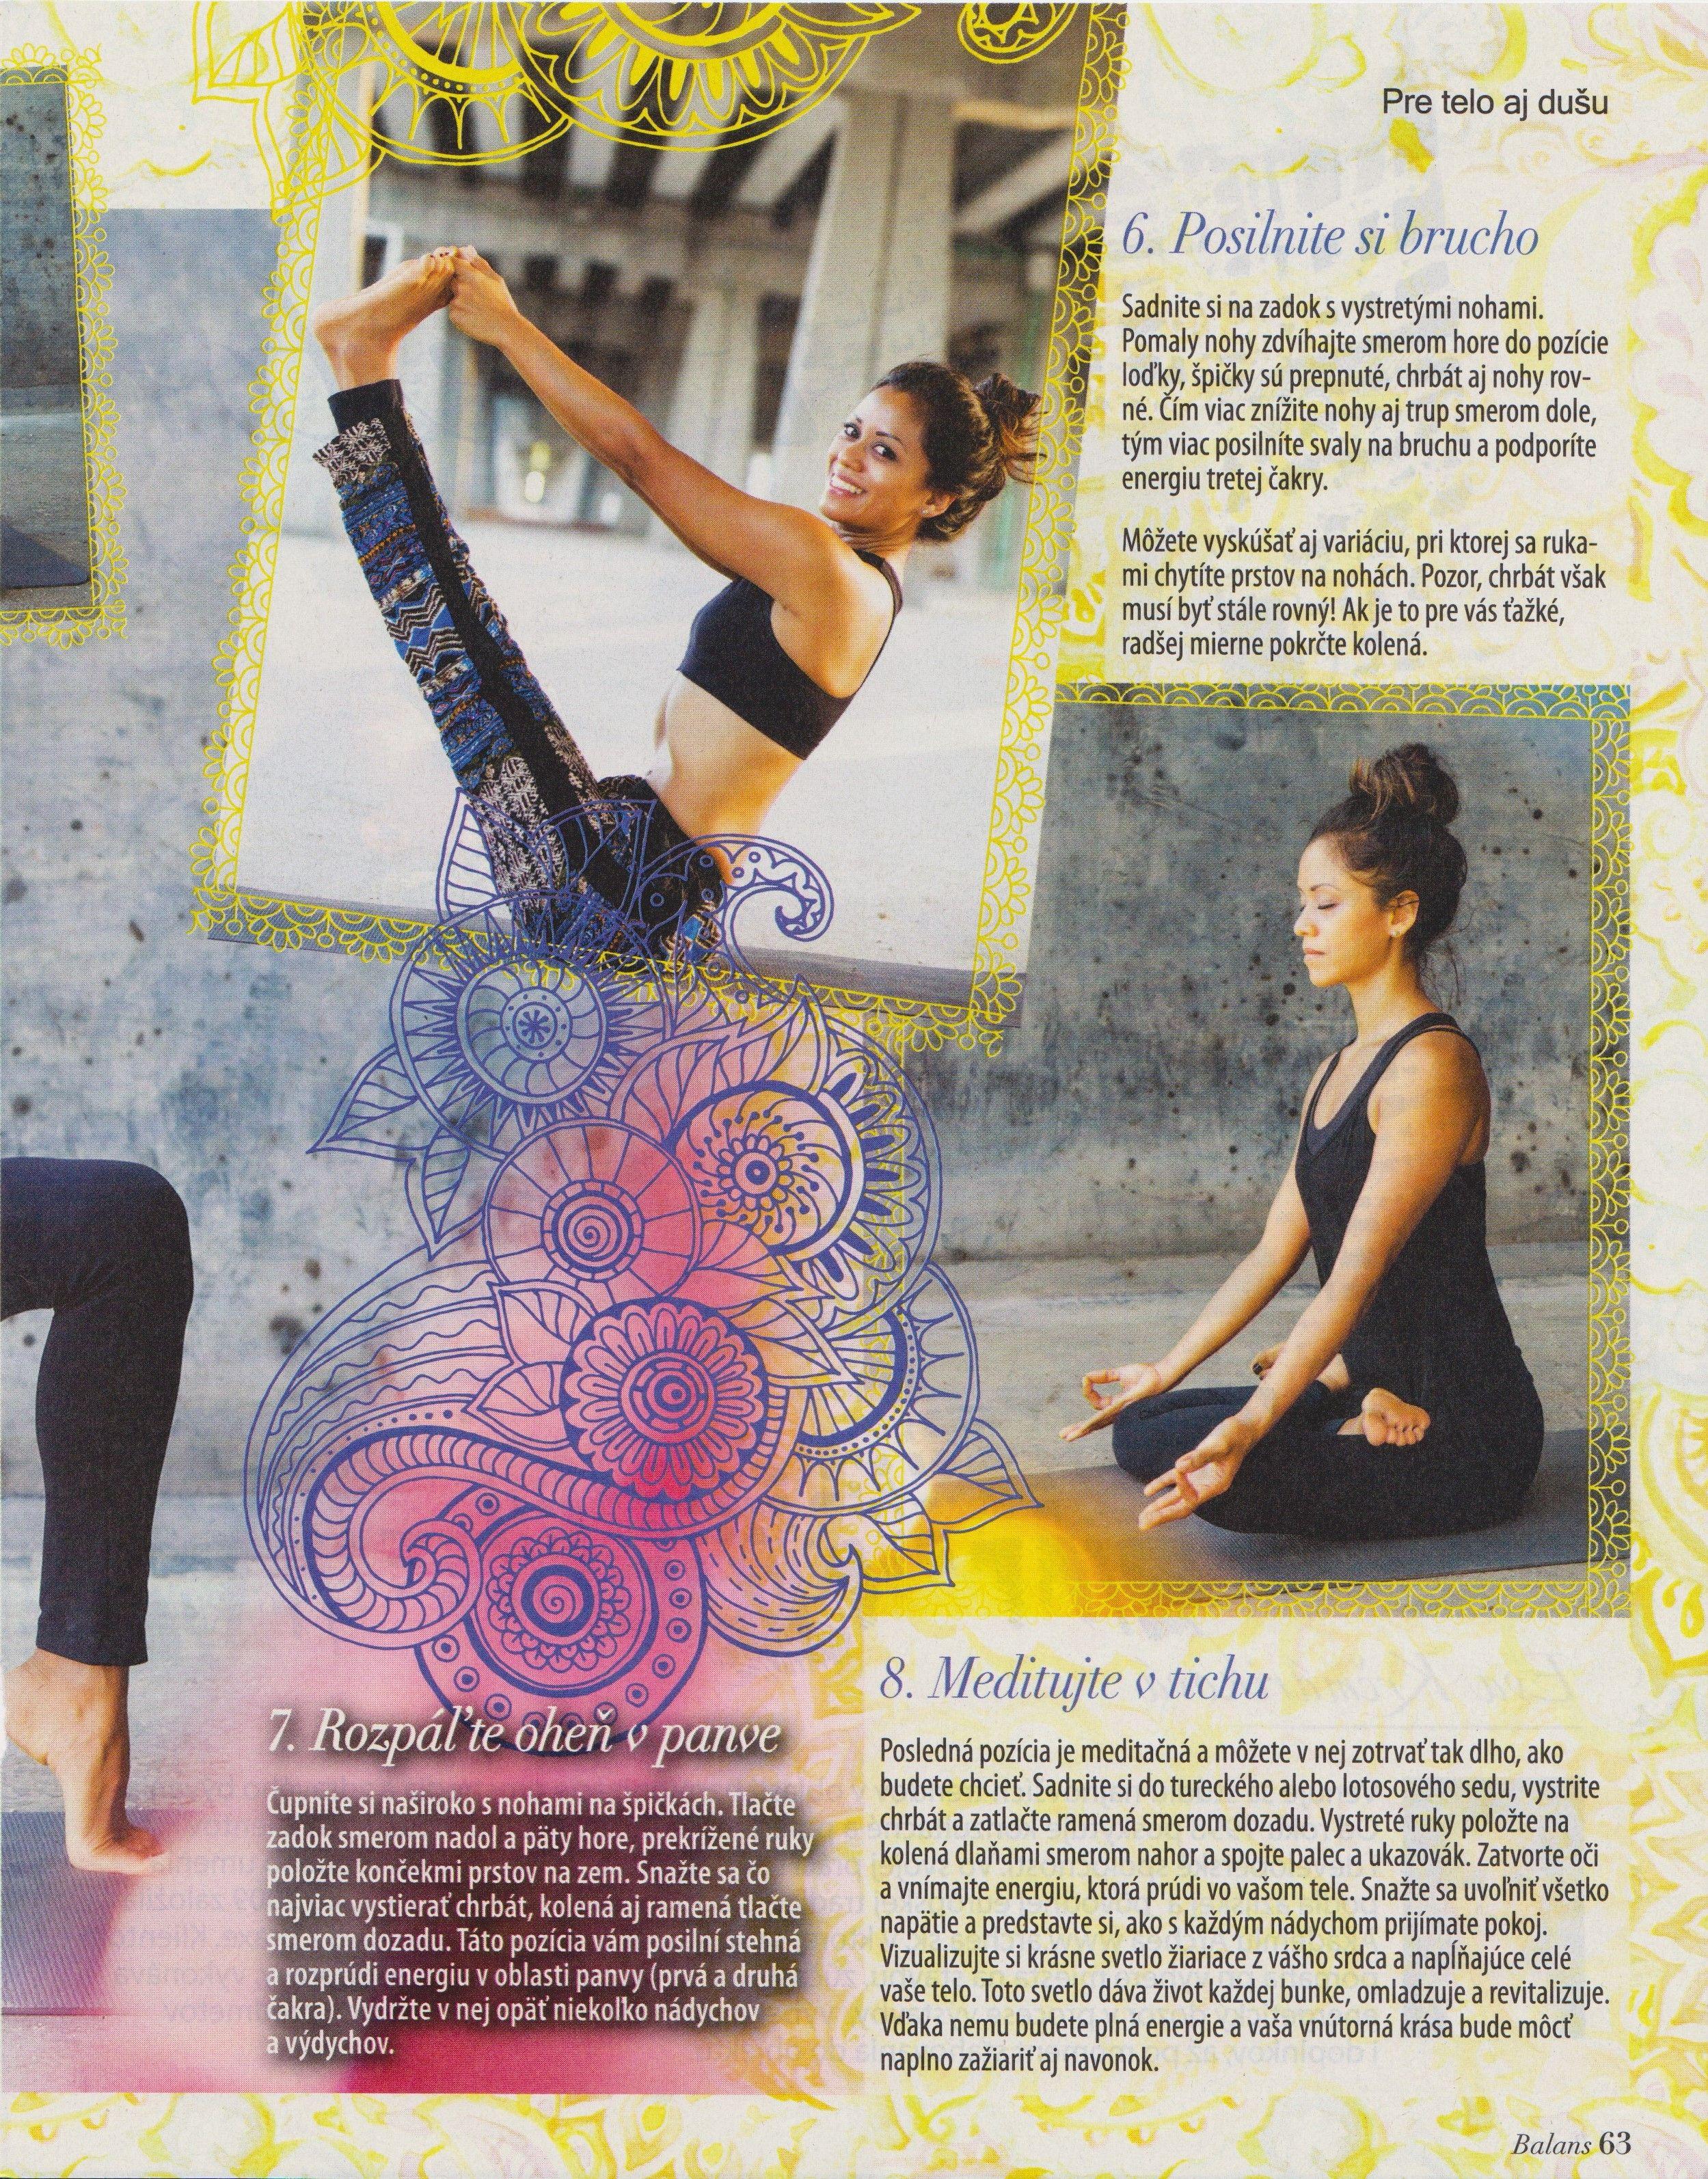 Balans 5_2015 - Joga pre krásu_str.4